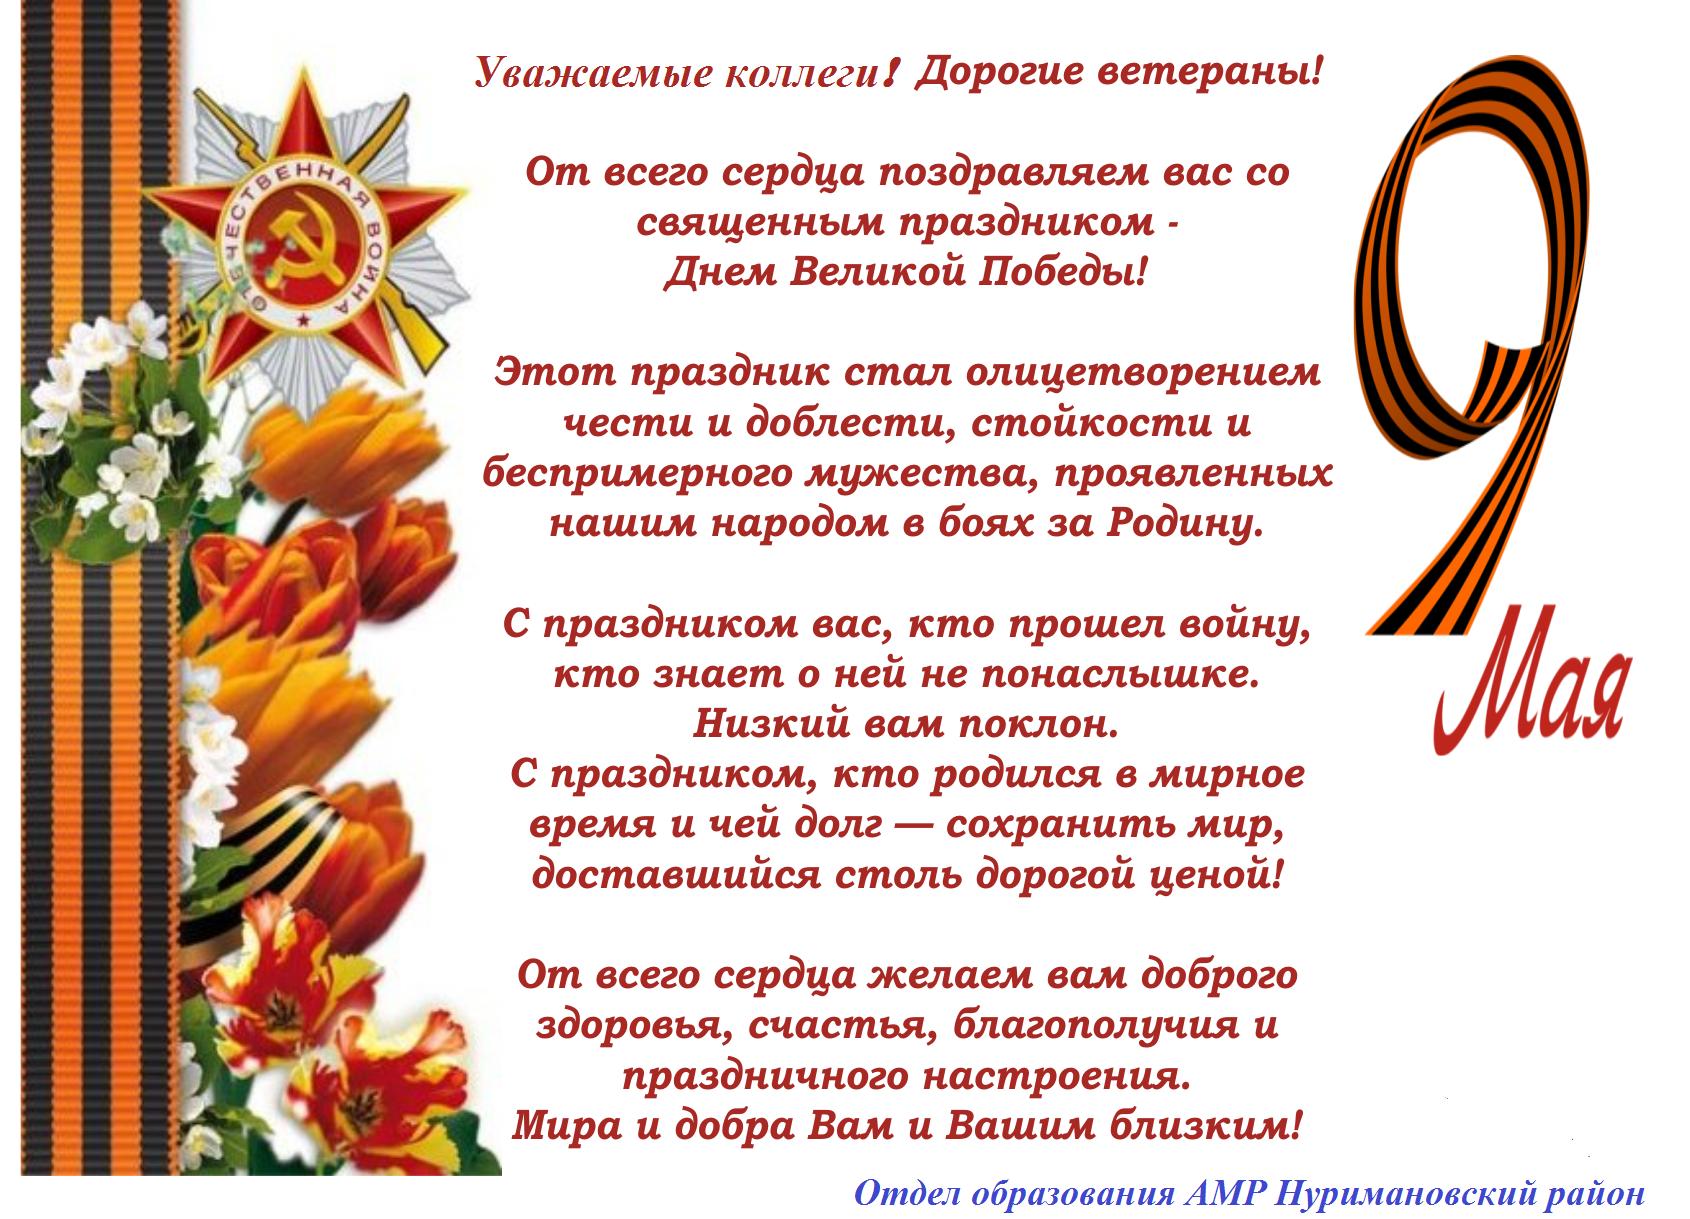 Поздравление в прозе на 9 мая